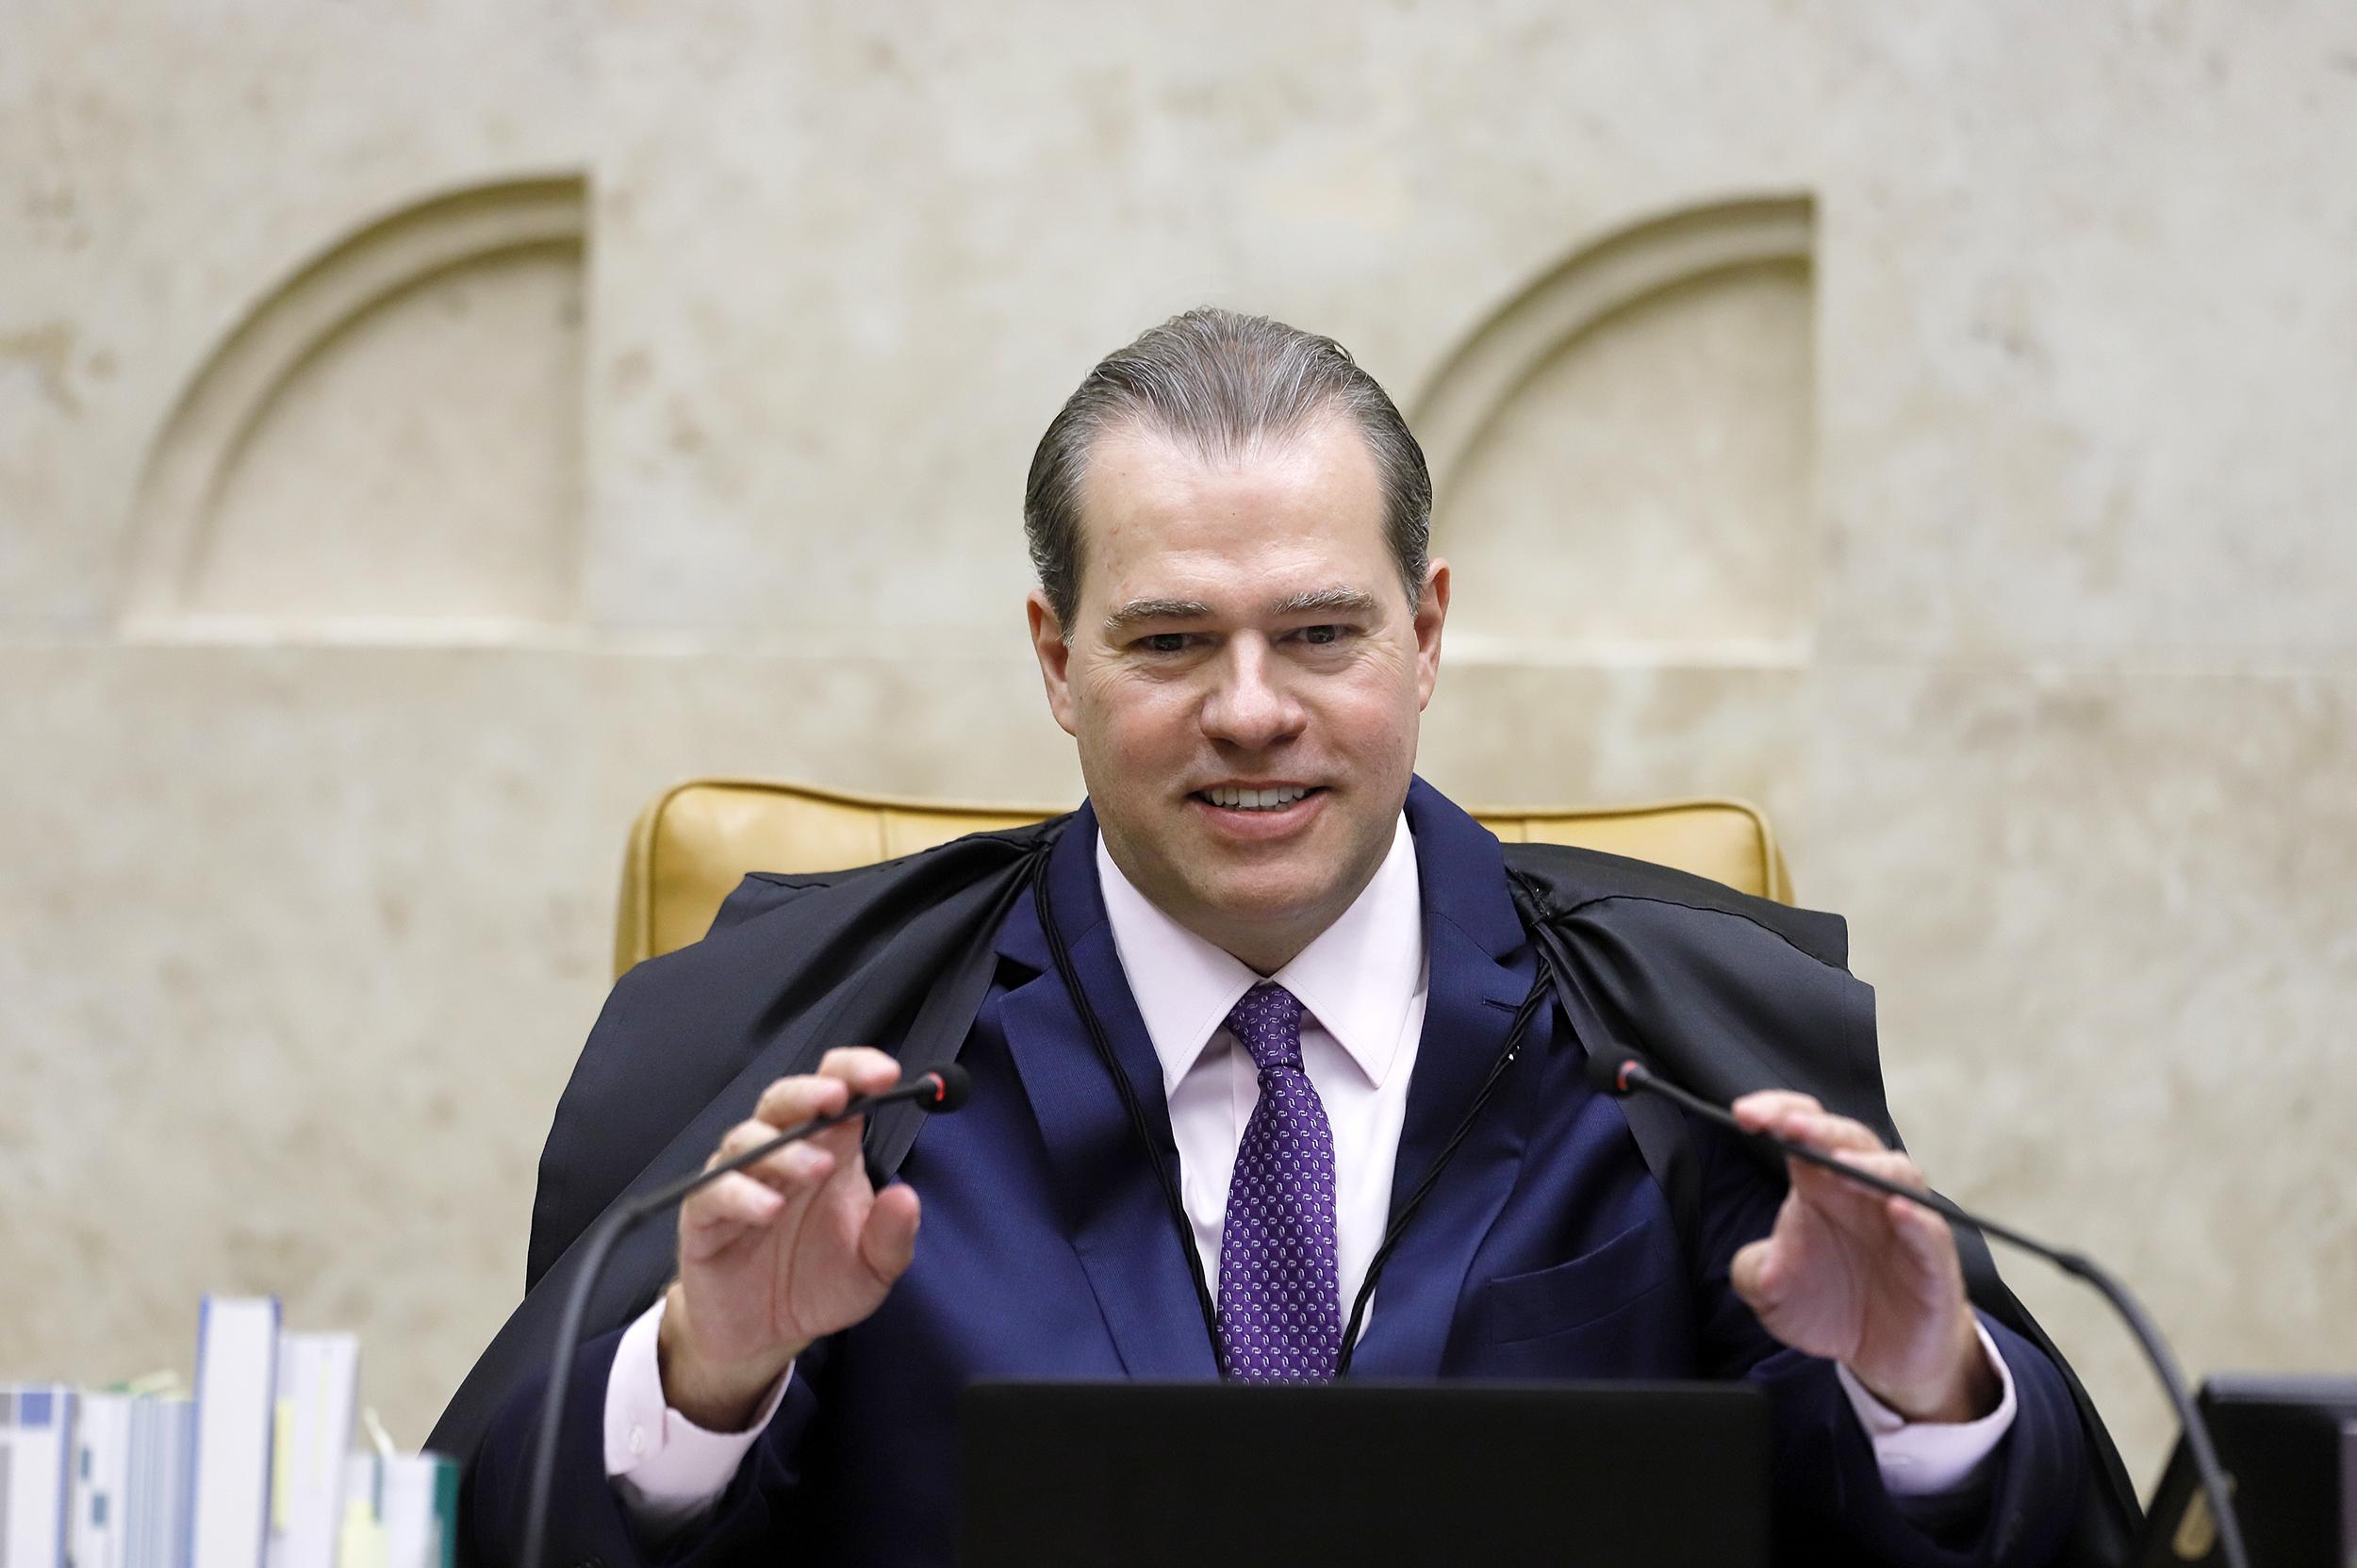 Presidente do STF durante sessão plenária por videoconferência. Foto: Rosinei Coutinho/SCO/STF (15/04/2020)